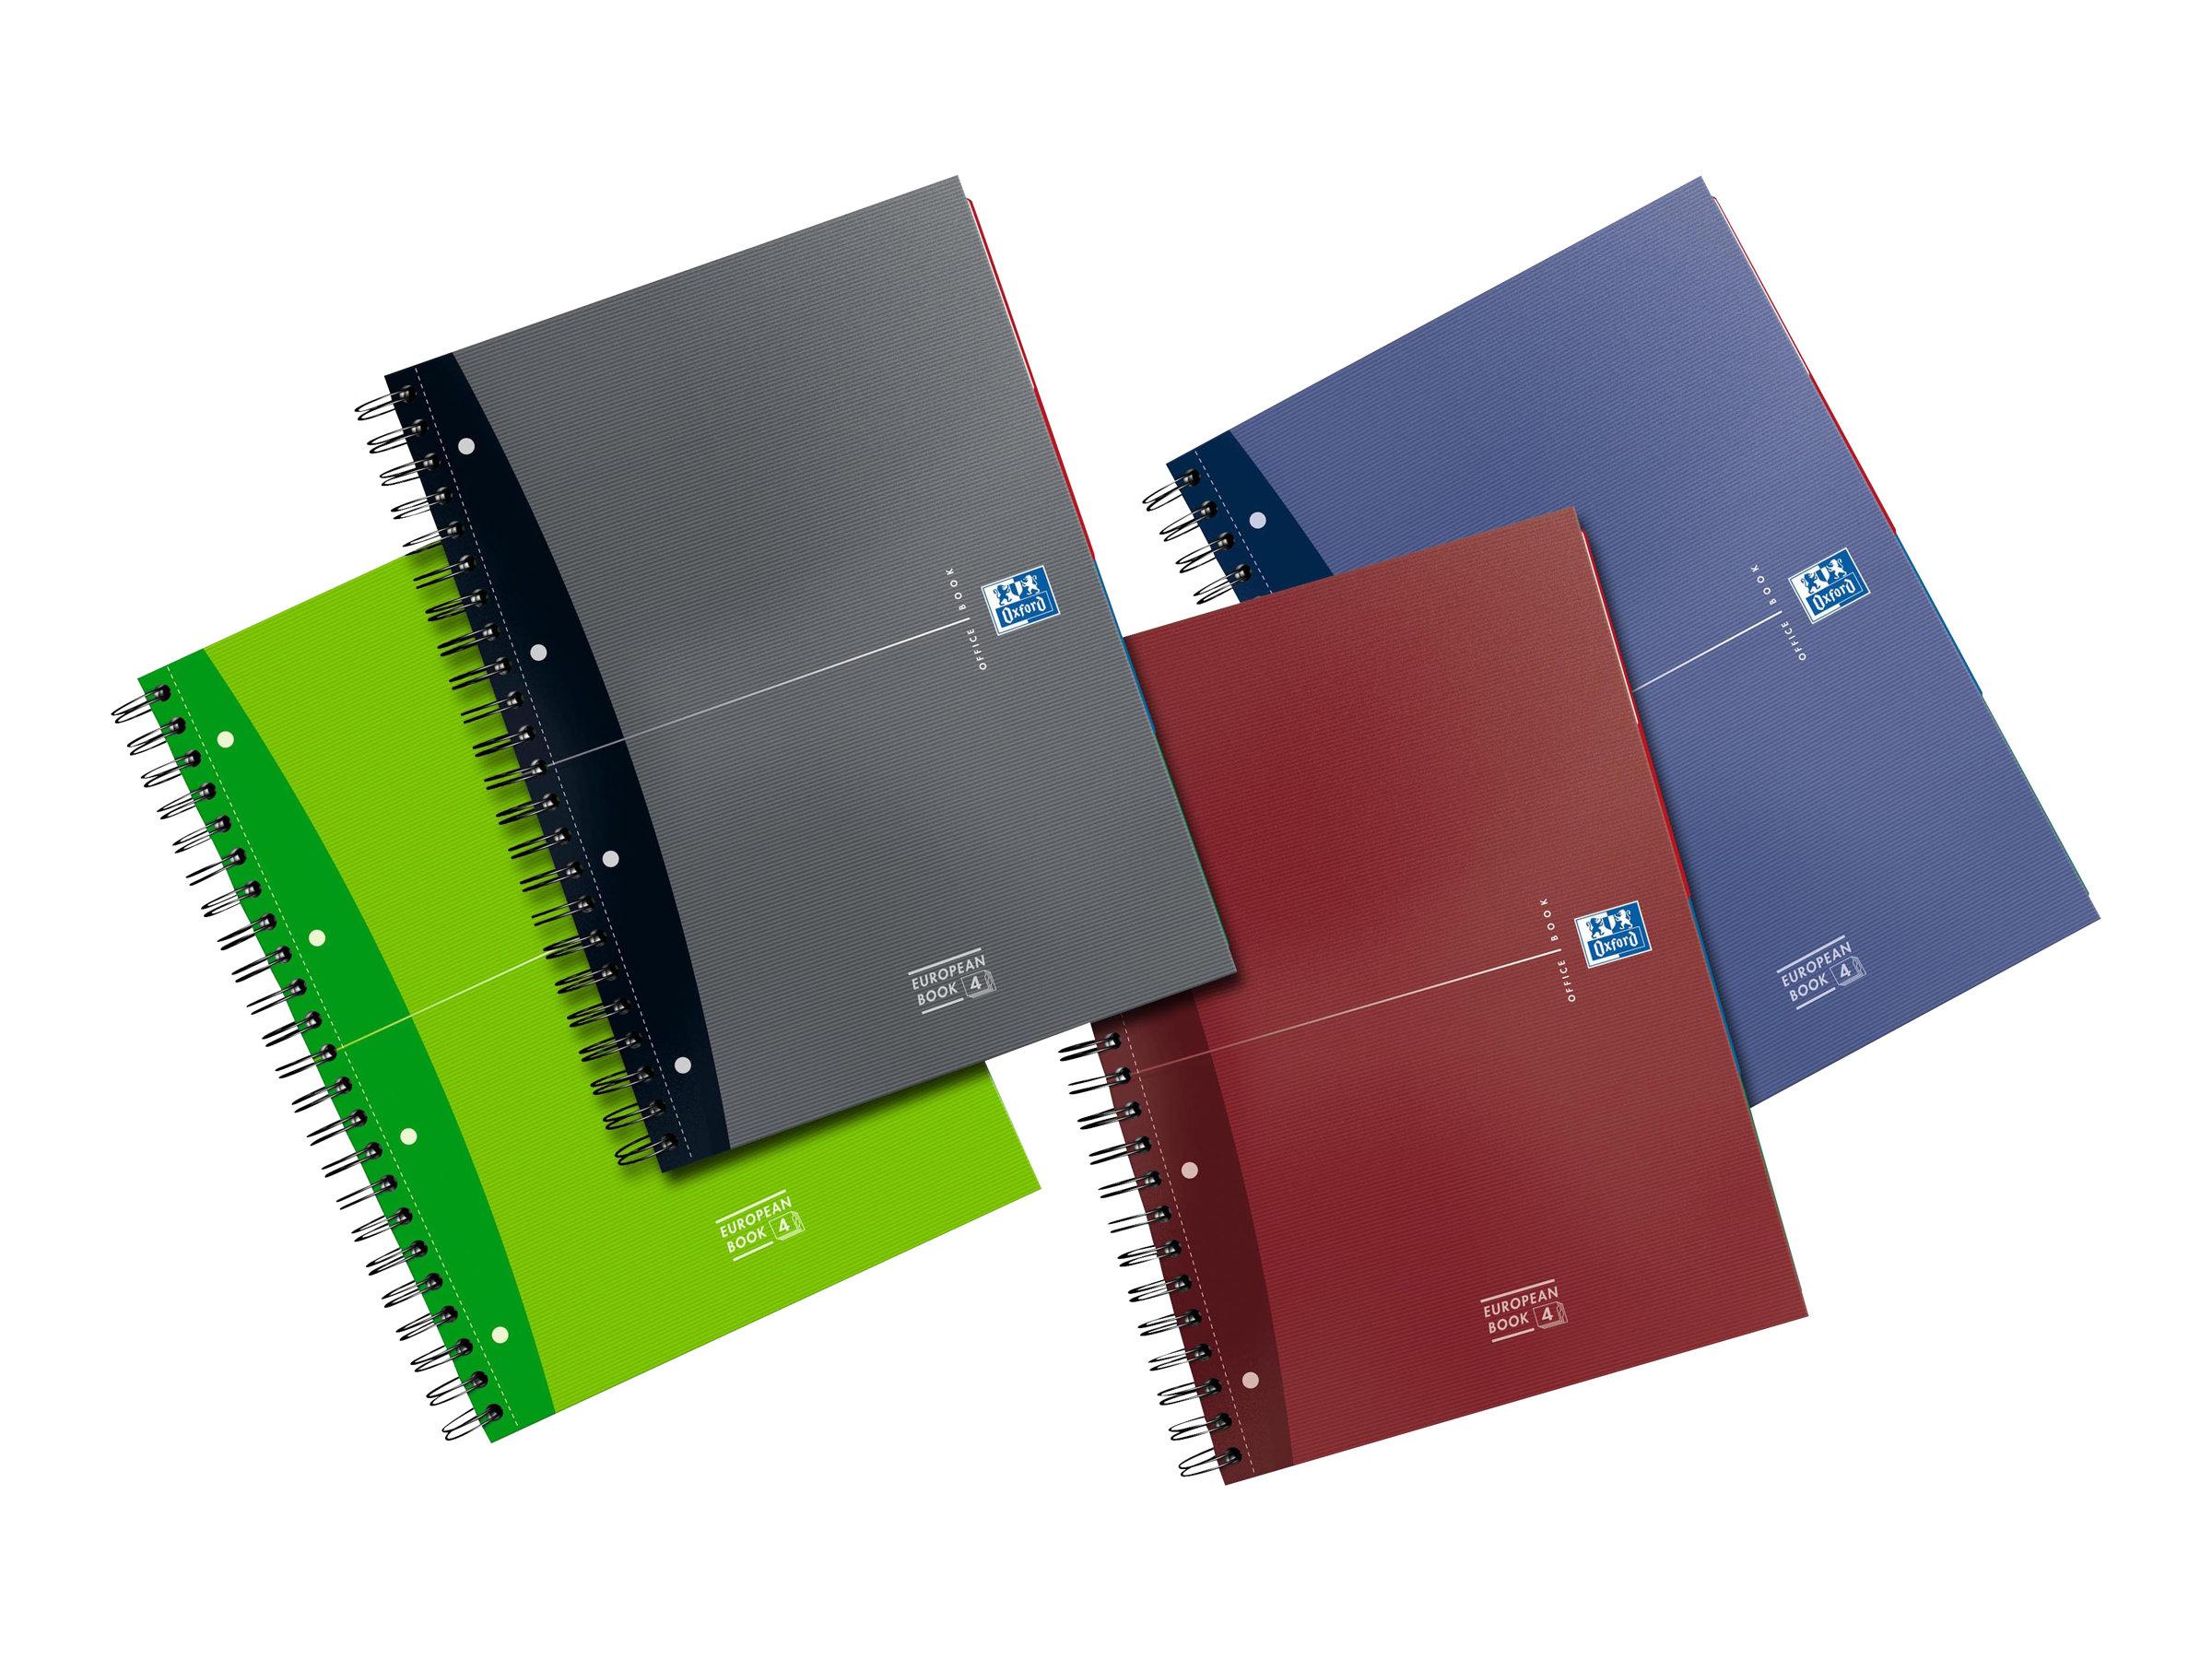 Oxford Europeanbook - Cahier A4 (21x29,7 cm) - 240 pages - petits carreaux (5x5 mm) - disponible dans différentes couleurs